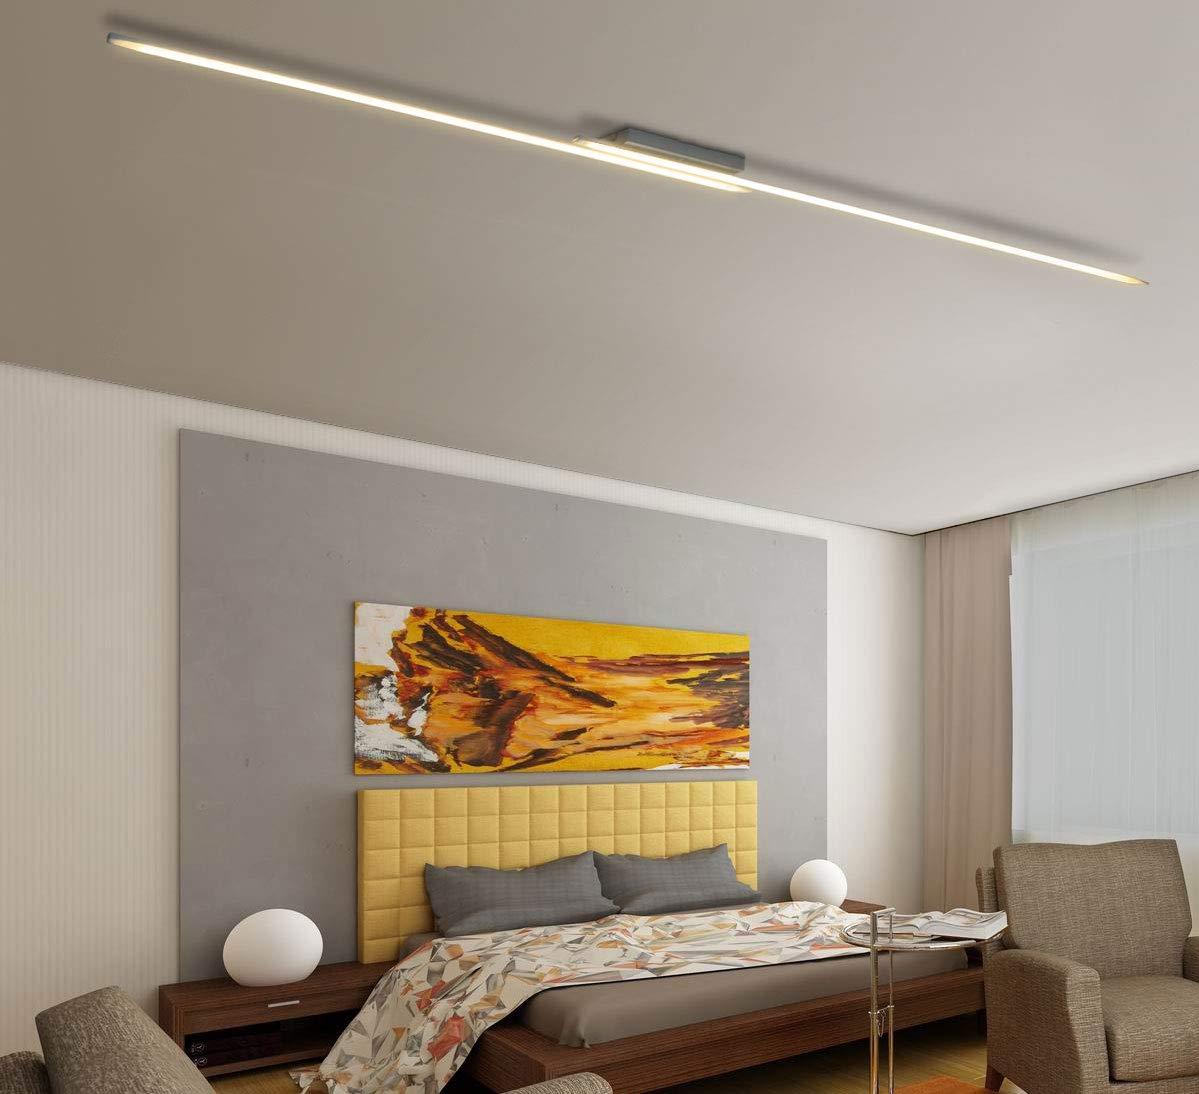 Full Size of Led Wohnzimmerlampe Xxl Design Deckenleuchte Deckenlampe Stbe Wohnzimmer Lampe Sofa Leder Einbauleuchten Bad Spiegelschrank Chesterfield Schlafzimmer Big Wohnzimmer Led Wohnzimmerlampe